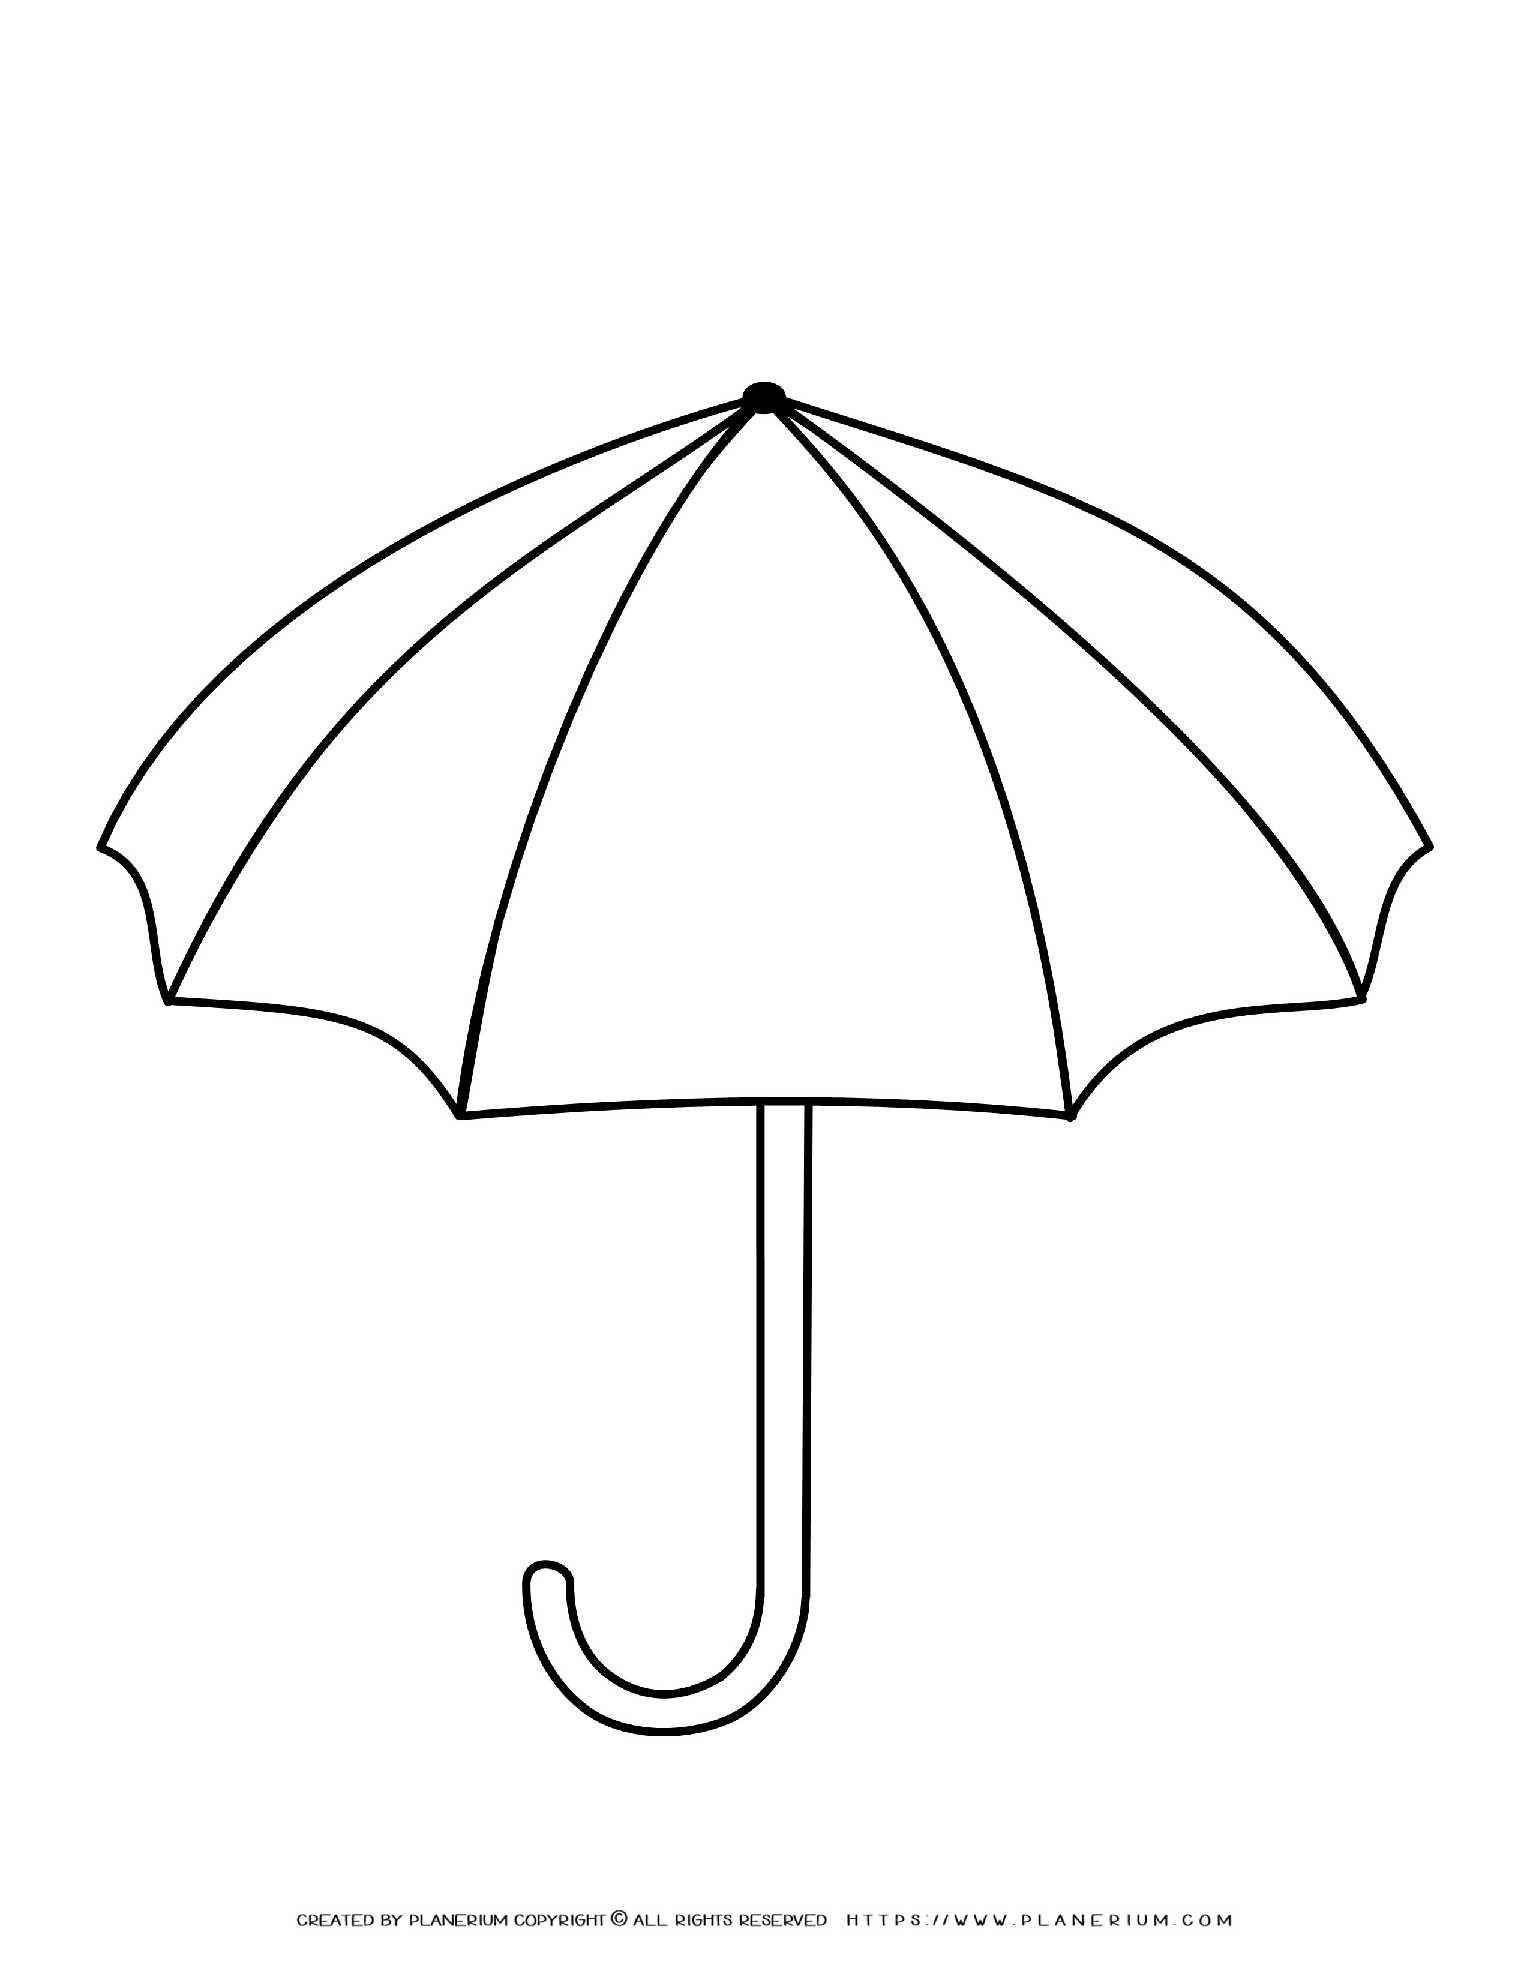 Fall Season Coloring Page Umbrella and Raindrops